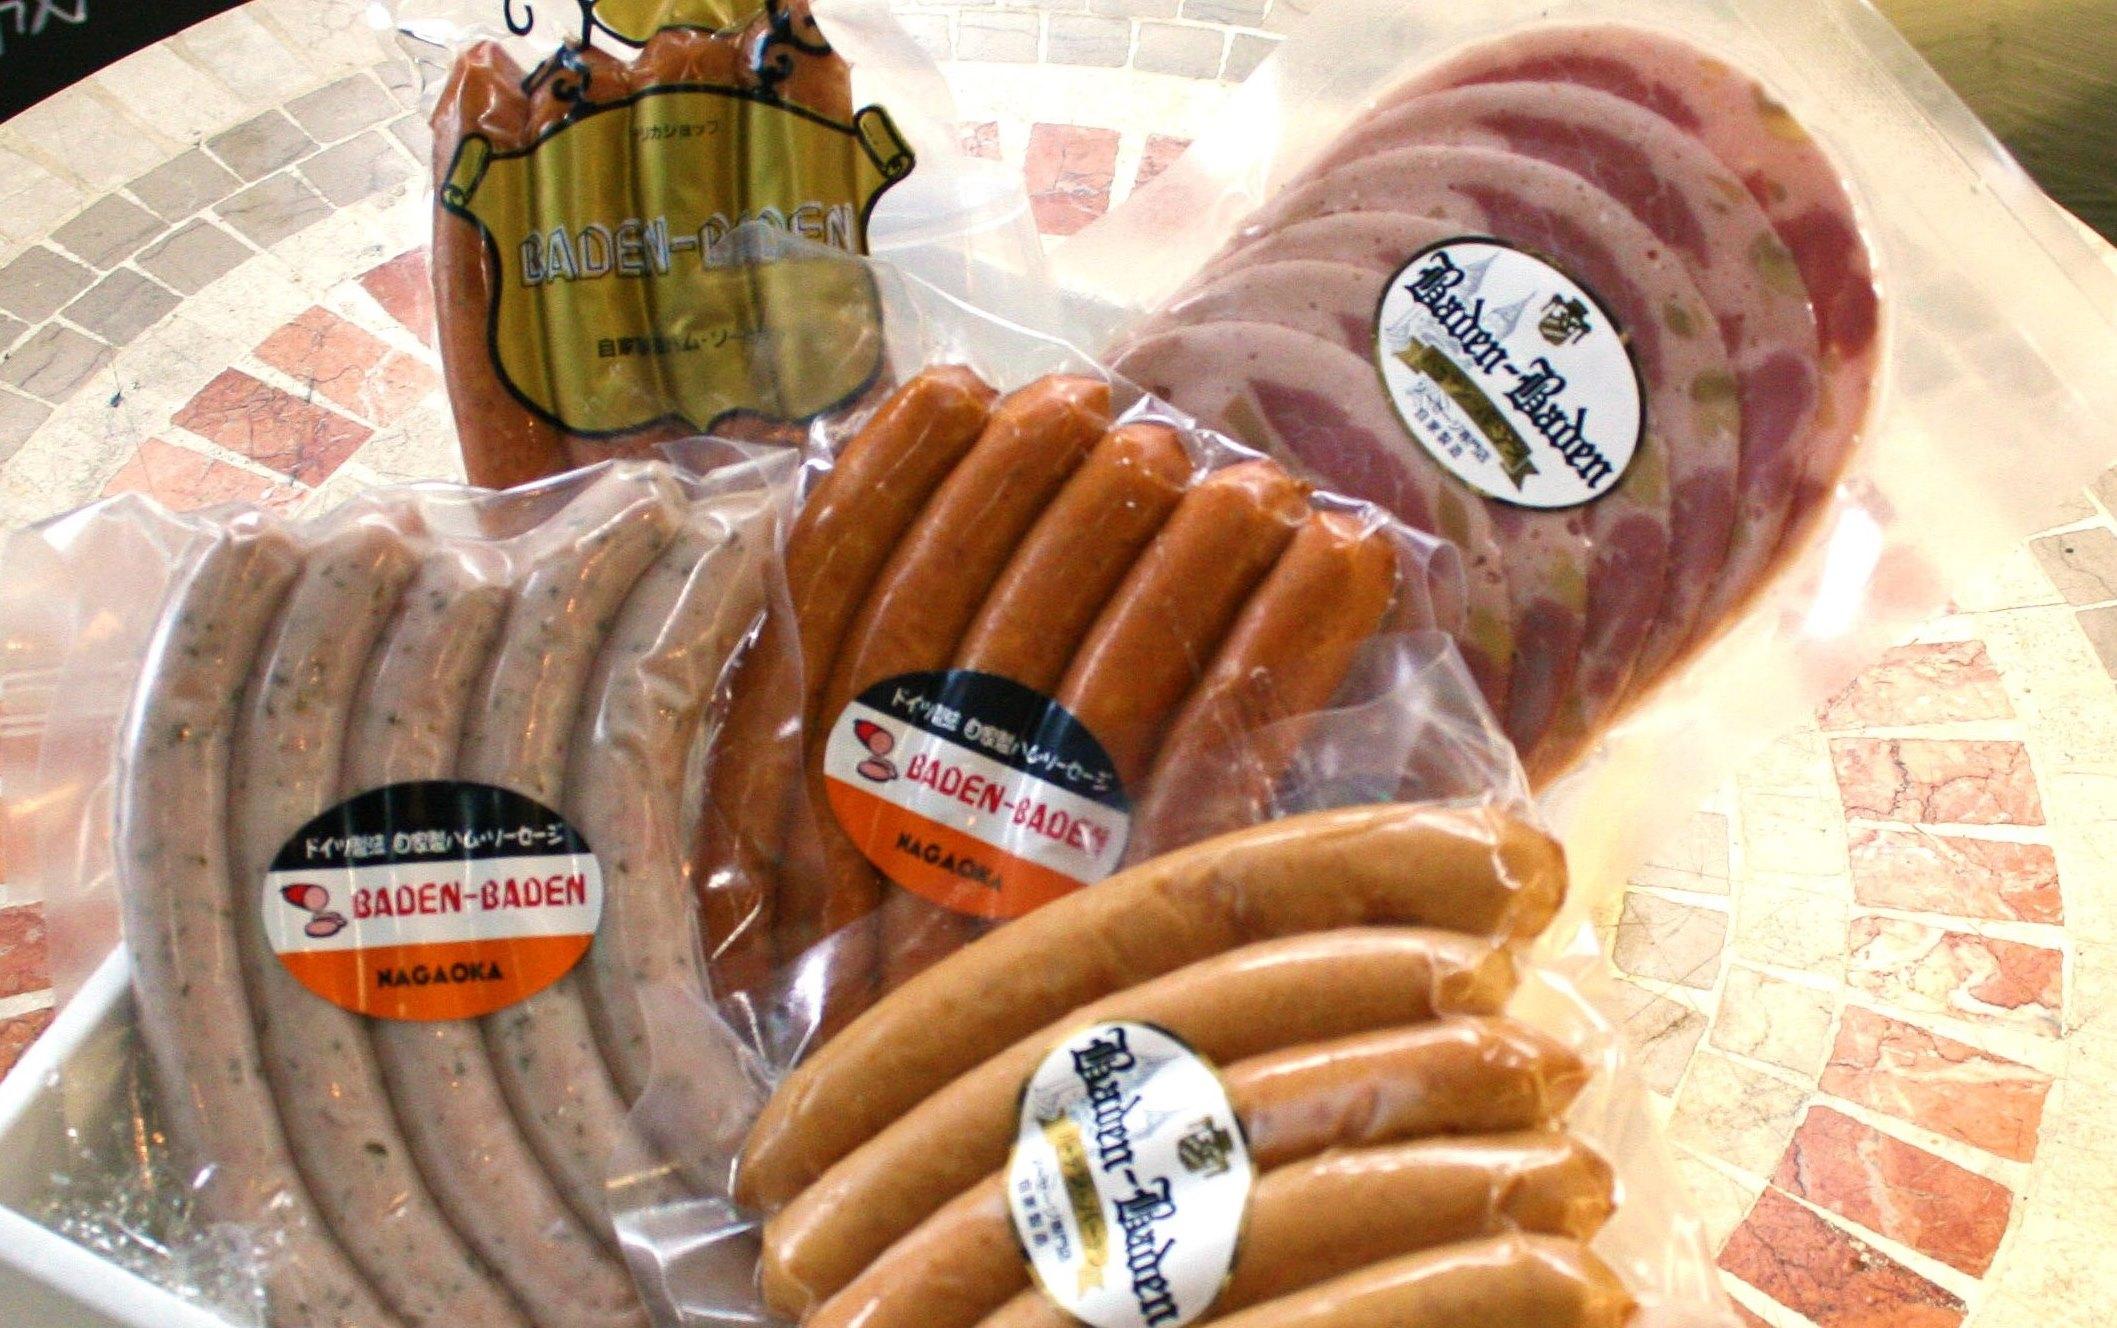 ケーゼグリラー~チーズ入り~、チョリソー 、荒挽きソーセージ 、焼きソーセージ 、スライスソーセージの5種セット 2,800円。